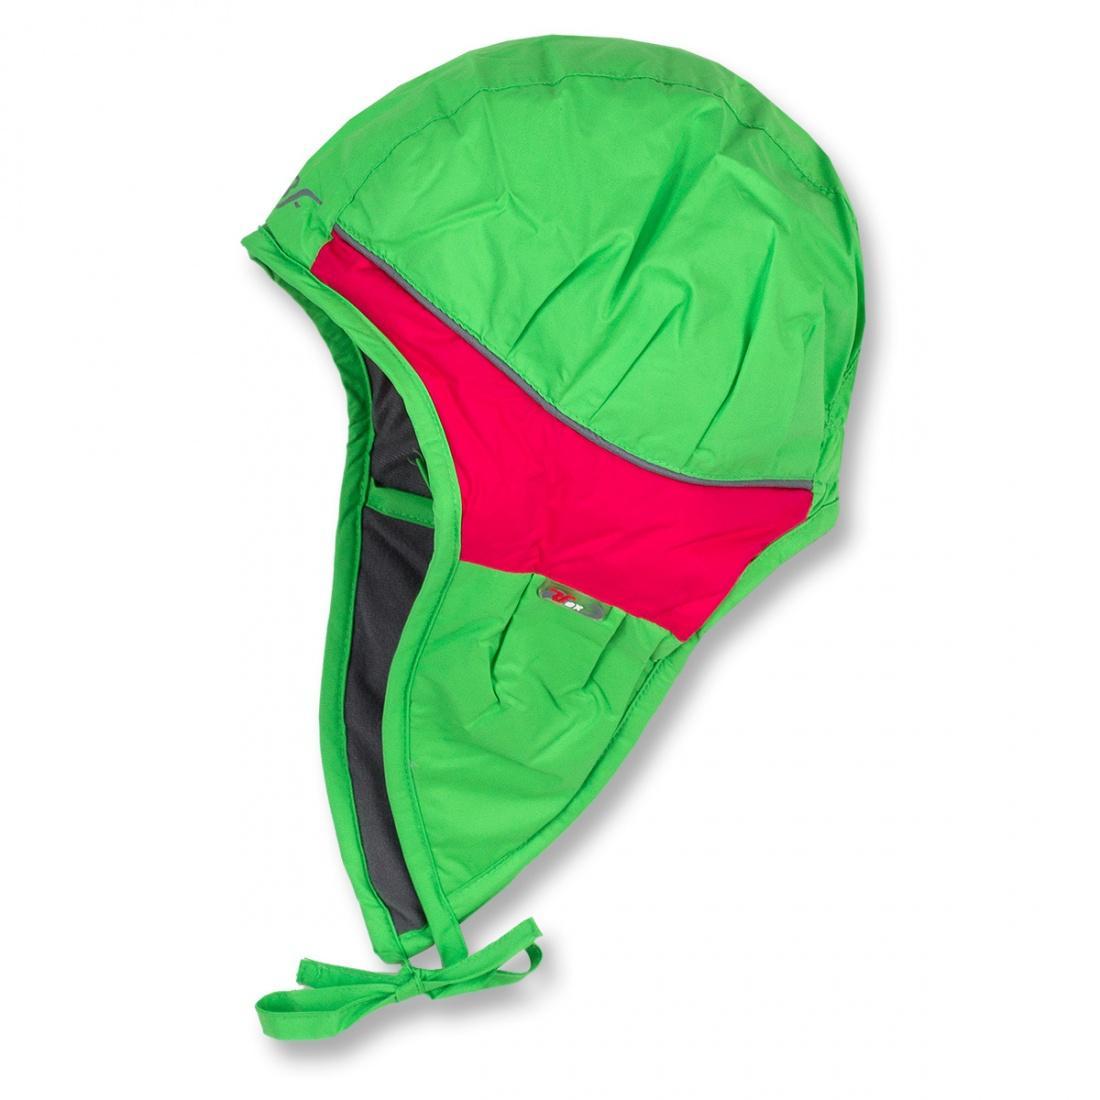 Шапка детская TressУшанки<br><br> Яркая контрастная шапочка прекрасно выделяет ребенка из толпы.<br><br> <br><br><br><br> Основной материал – Dry Factor 1000.<br><br> <br><br><br> Утеплитель – Omniterm Classic.<br><br> <br><br><br> Для детей от 1 до...<br><br>Цвет: Розовый<br>Размер: XXL